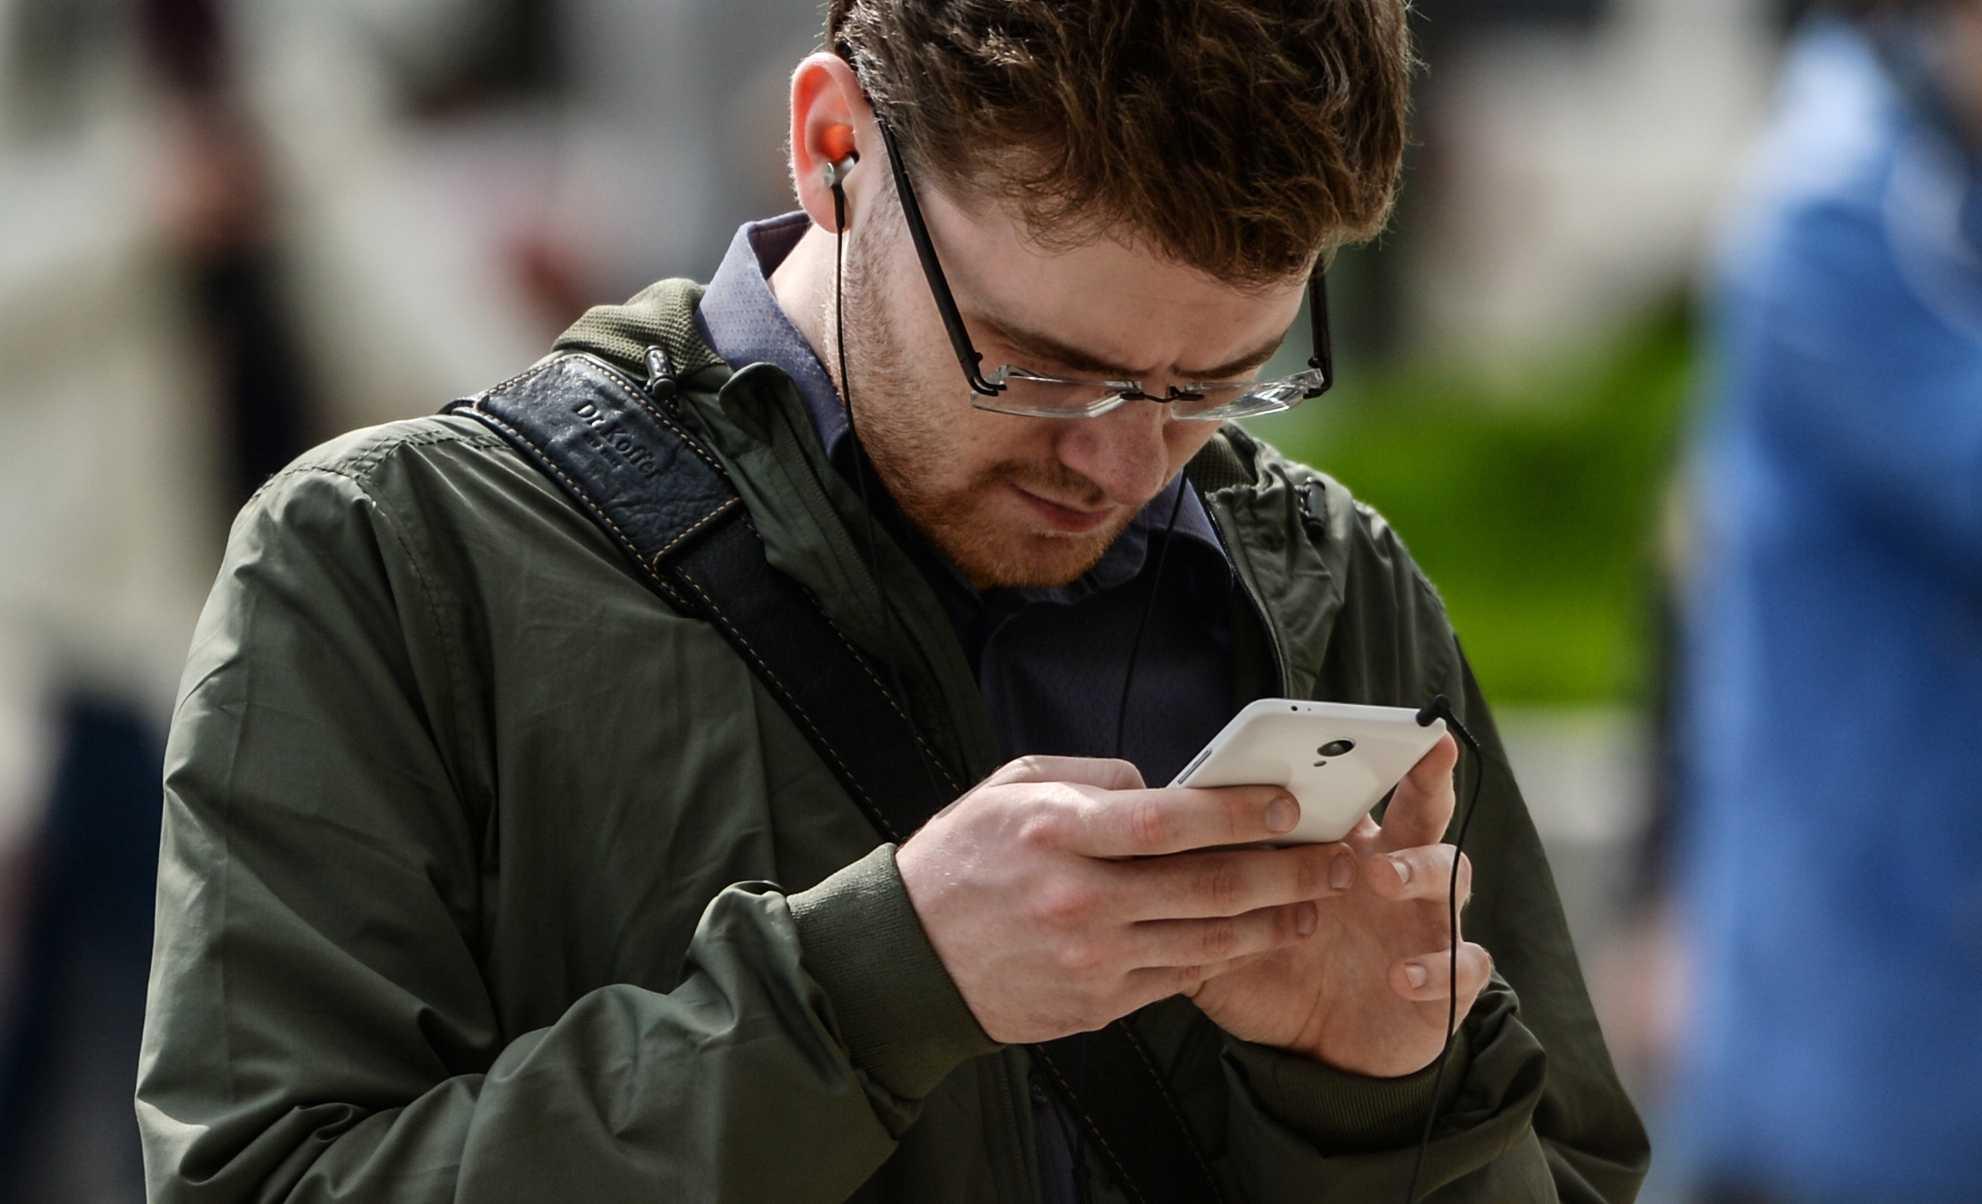 Крупнейшую выставку мобильных гаджетов отменили впервые за 33 года